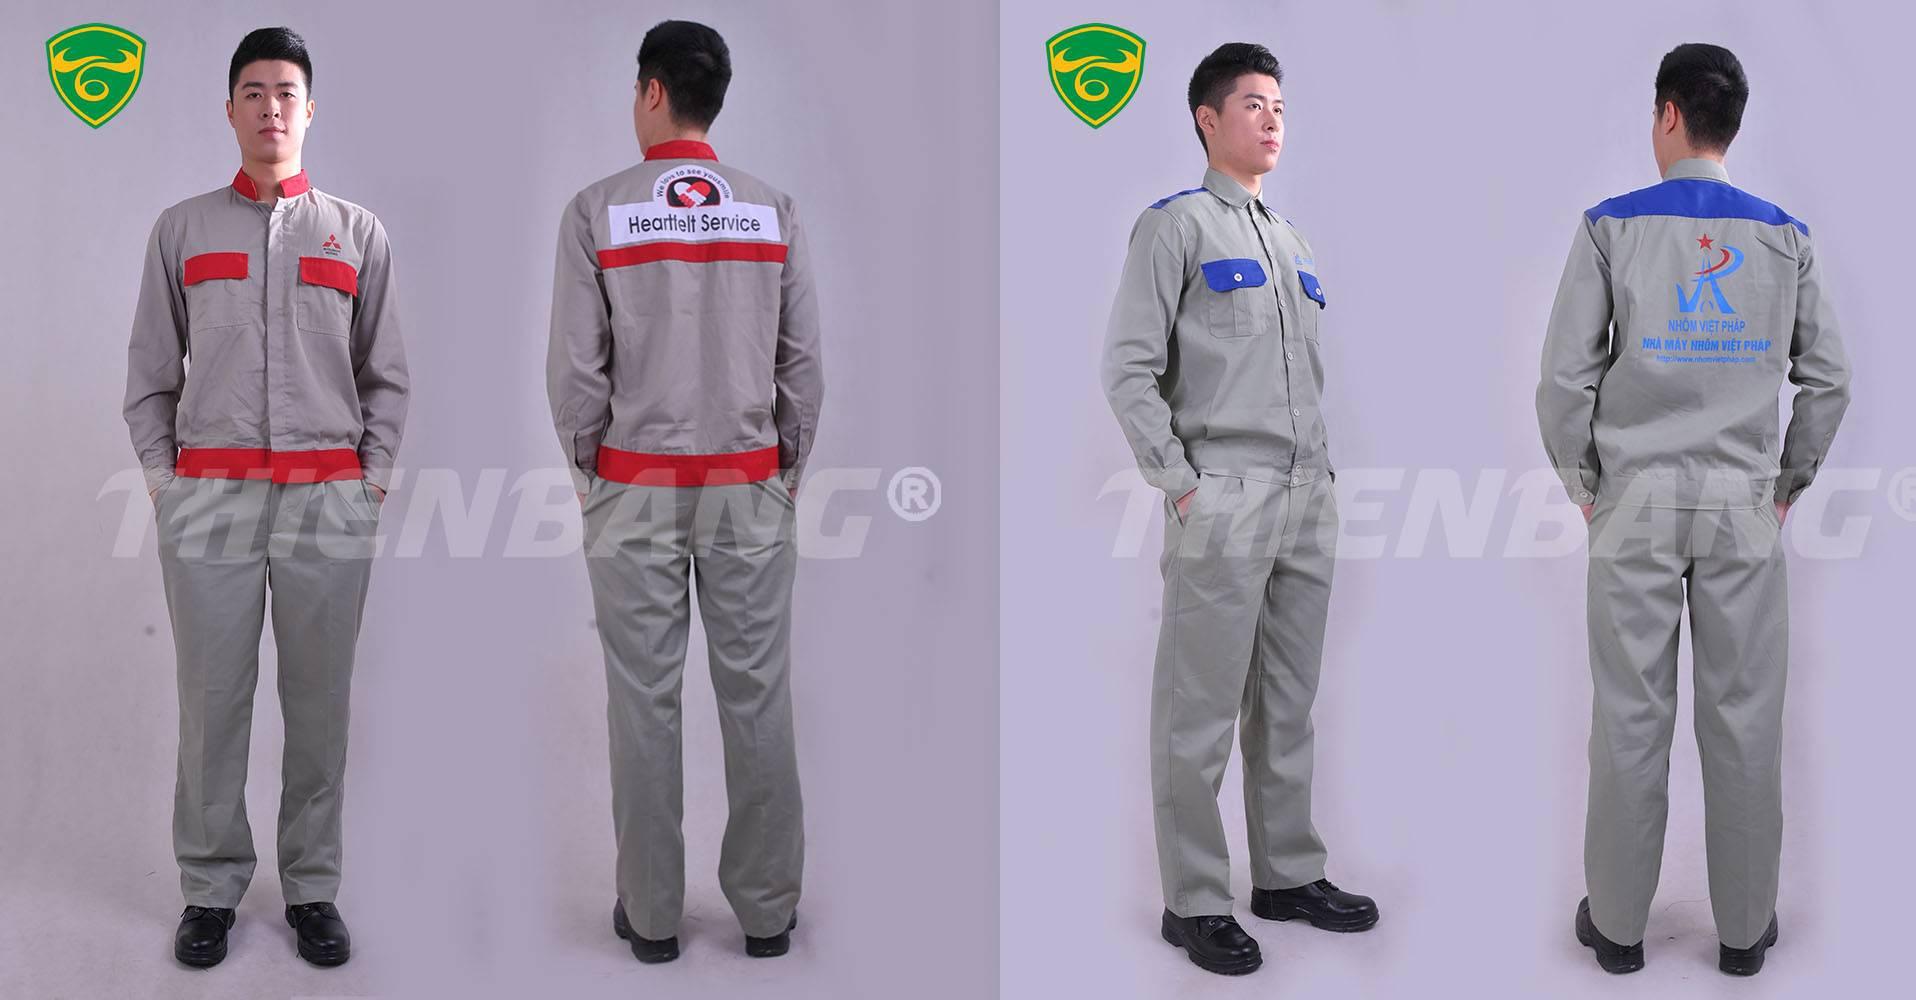 mẫu quần áo bảo hộ lao động cho kỹ sư phối 2 màu